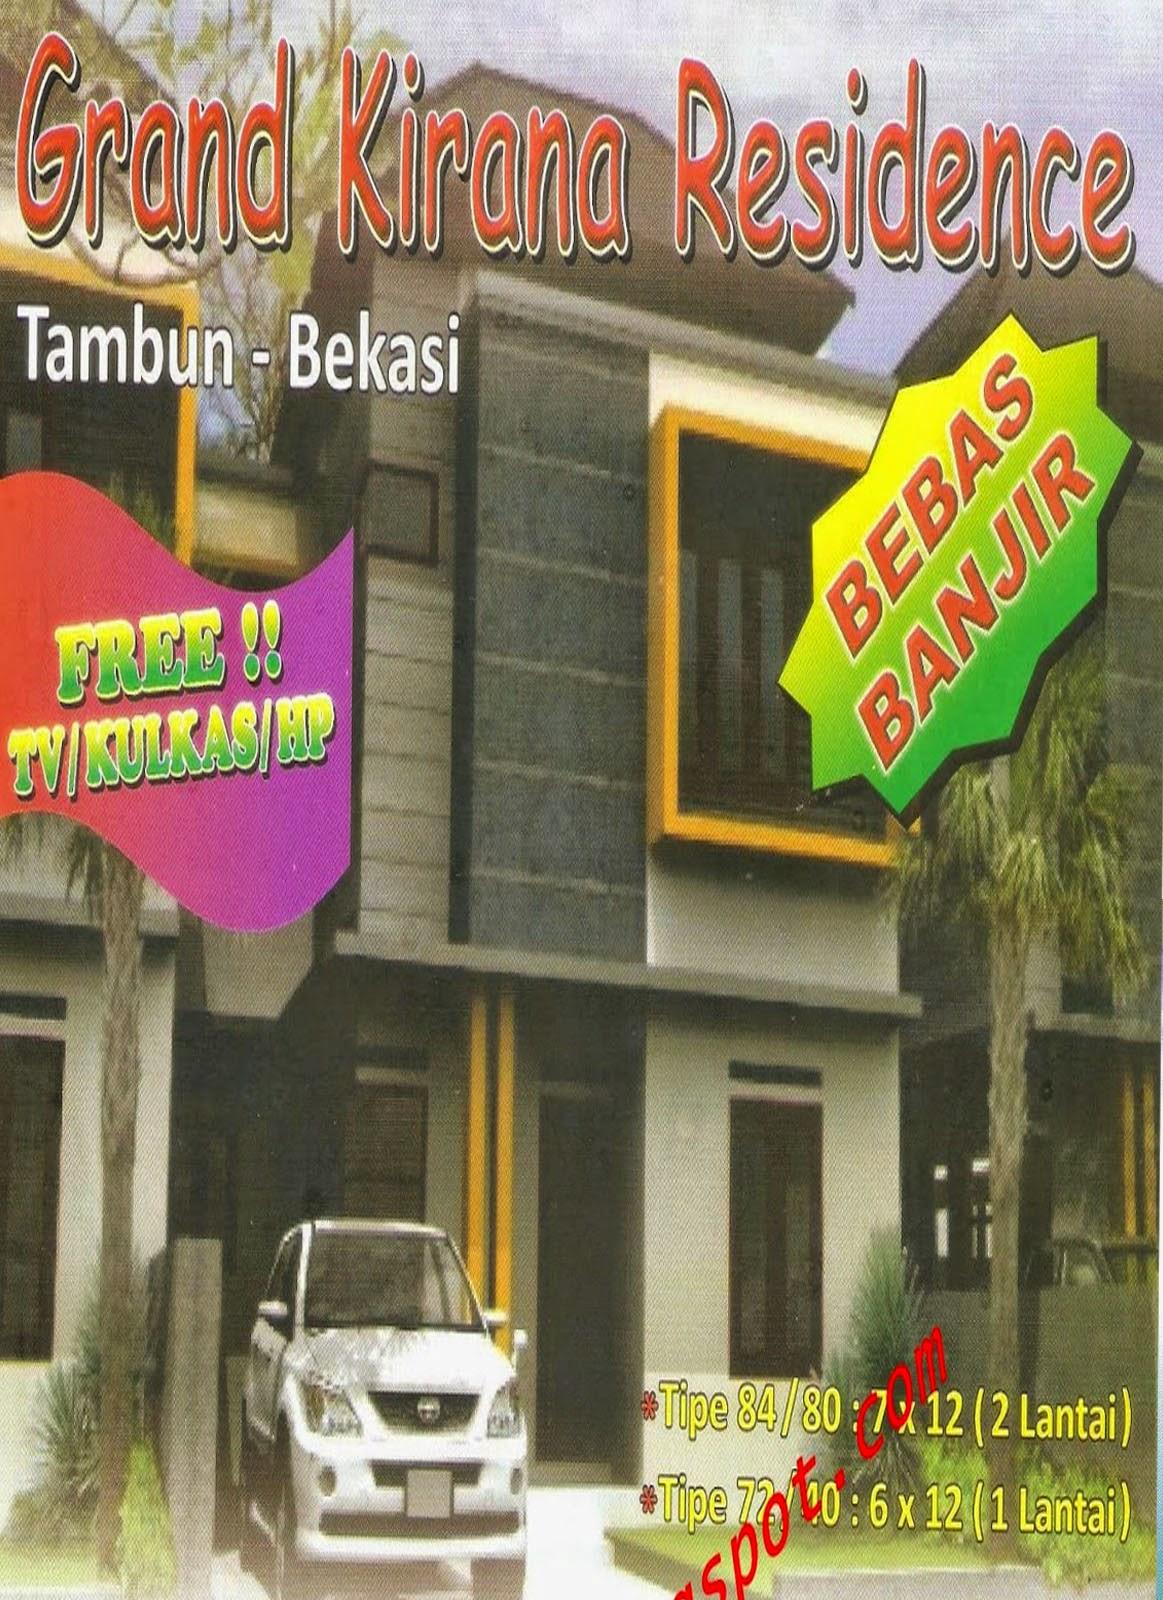 Rumah 2 Lantai Grand Kirana Residence Tambun Selatan Bekasi